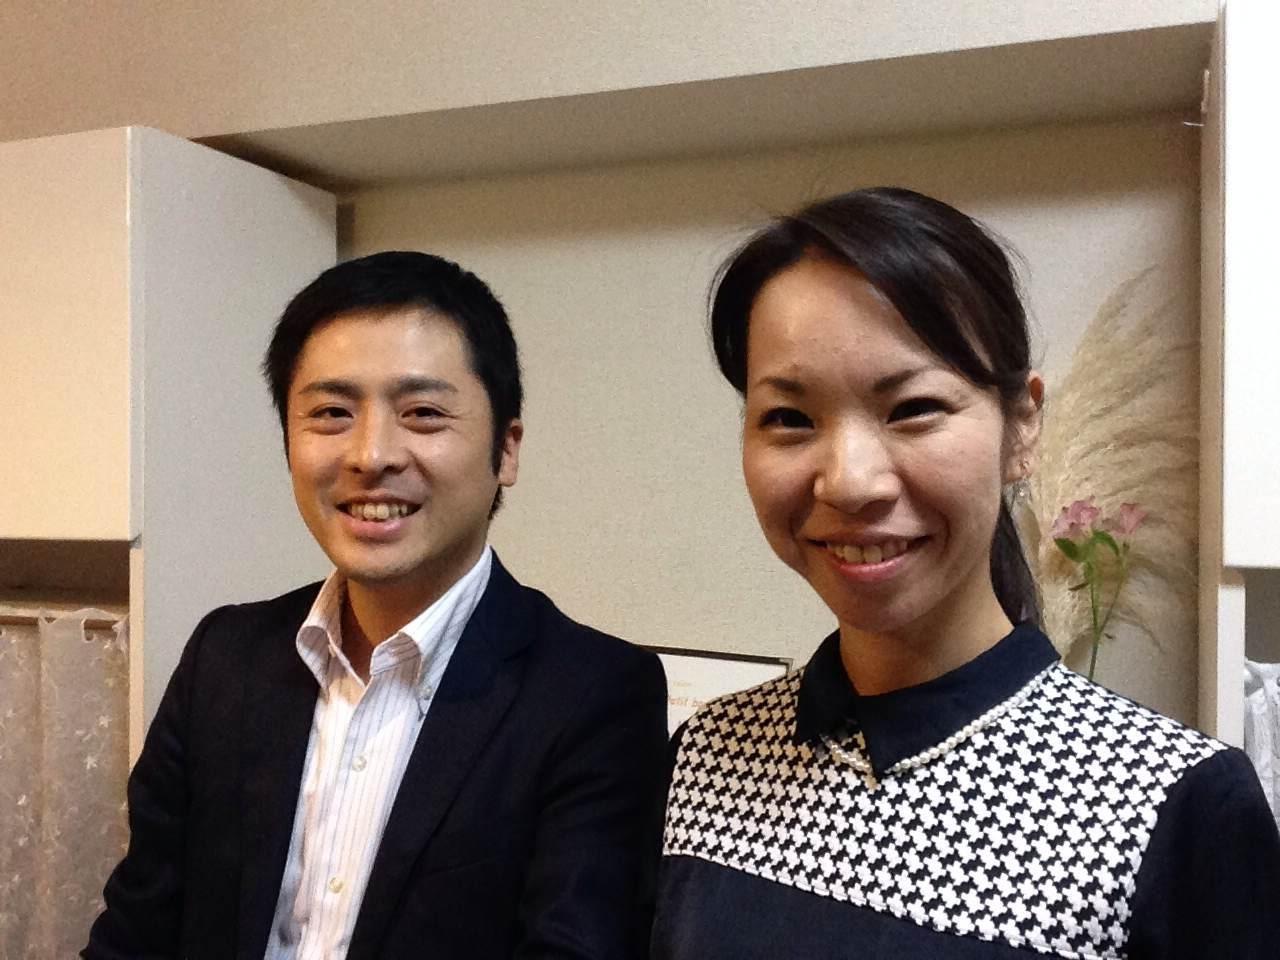 お客さまの声「フェイスブック口コミ戦略講座」愛知県大府市でアロマサロン&スクールプティボヌールを経営される大島鶴枝さんより